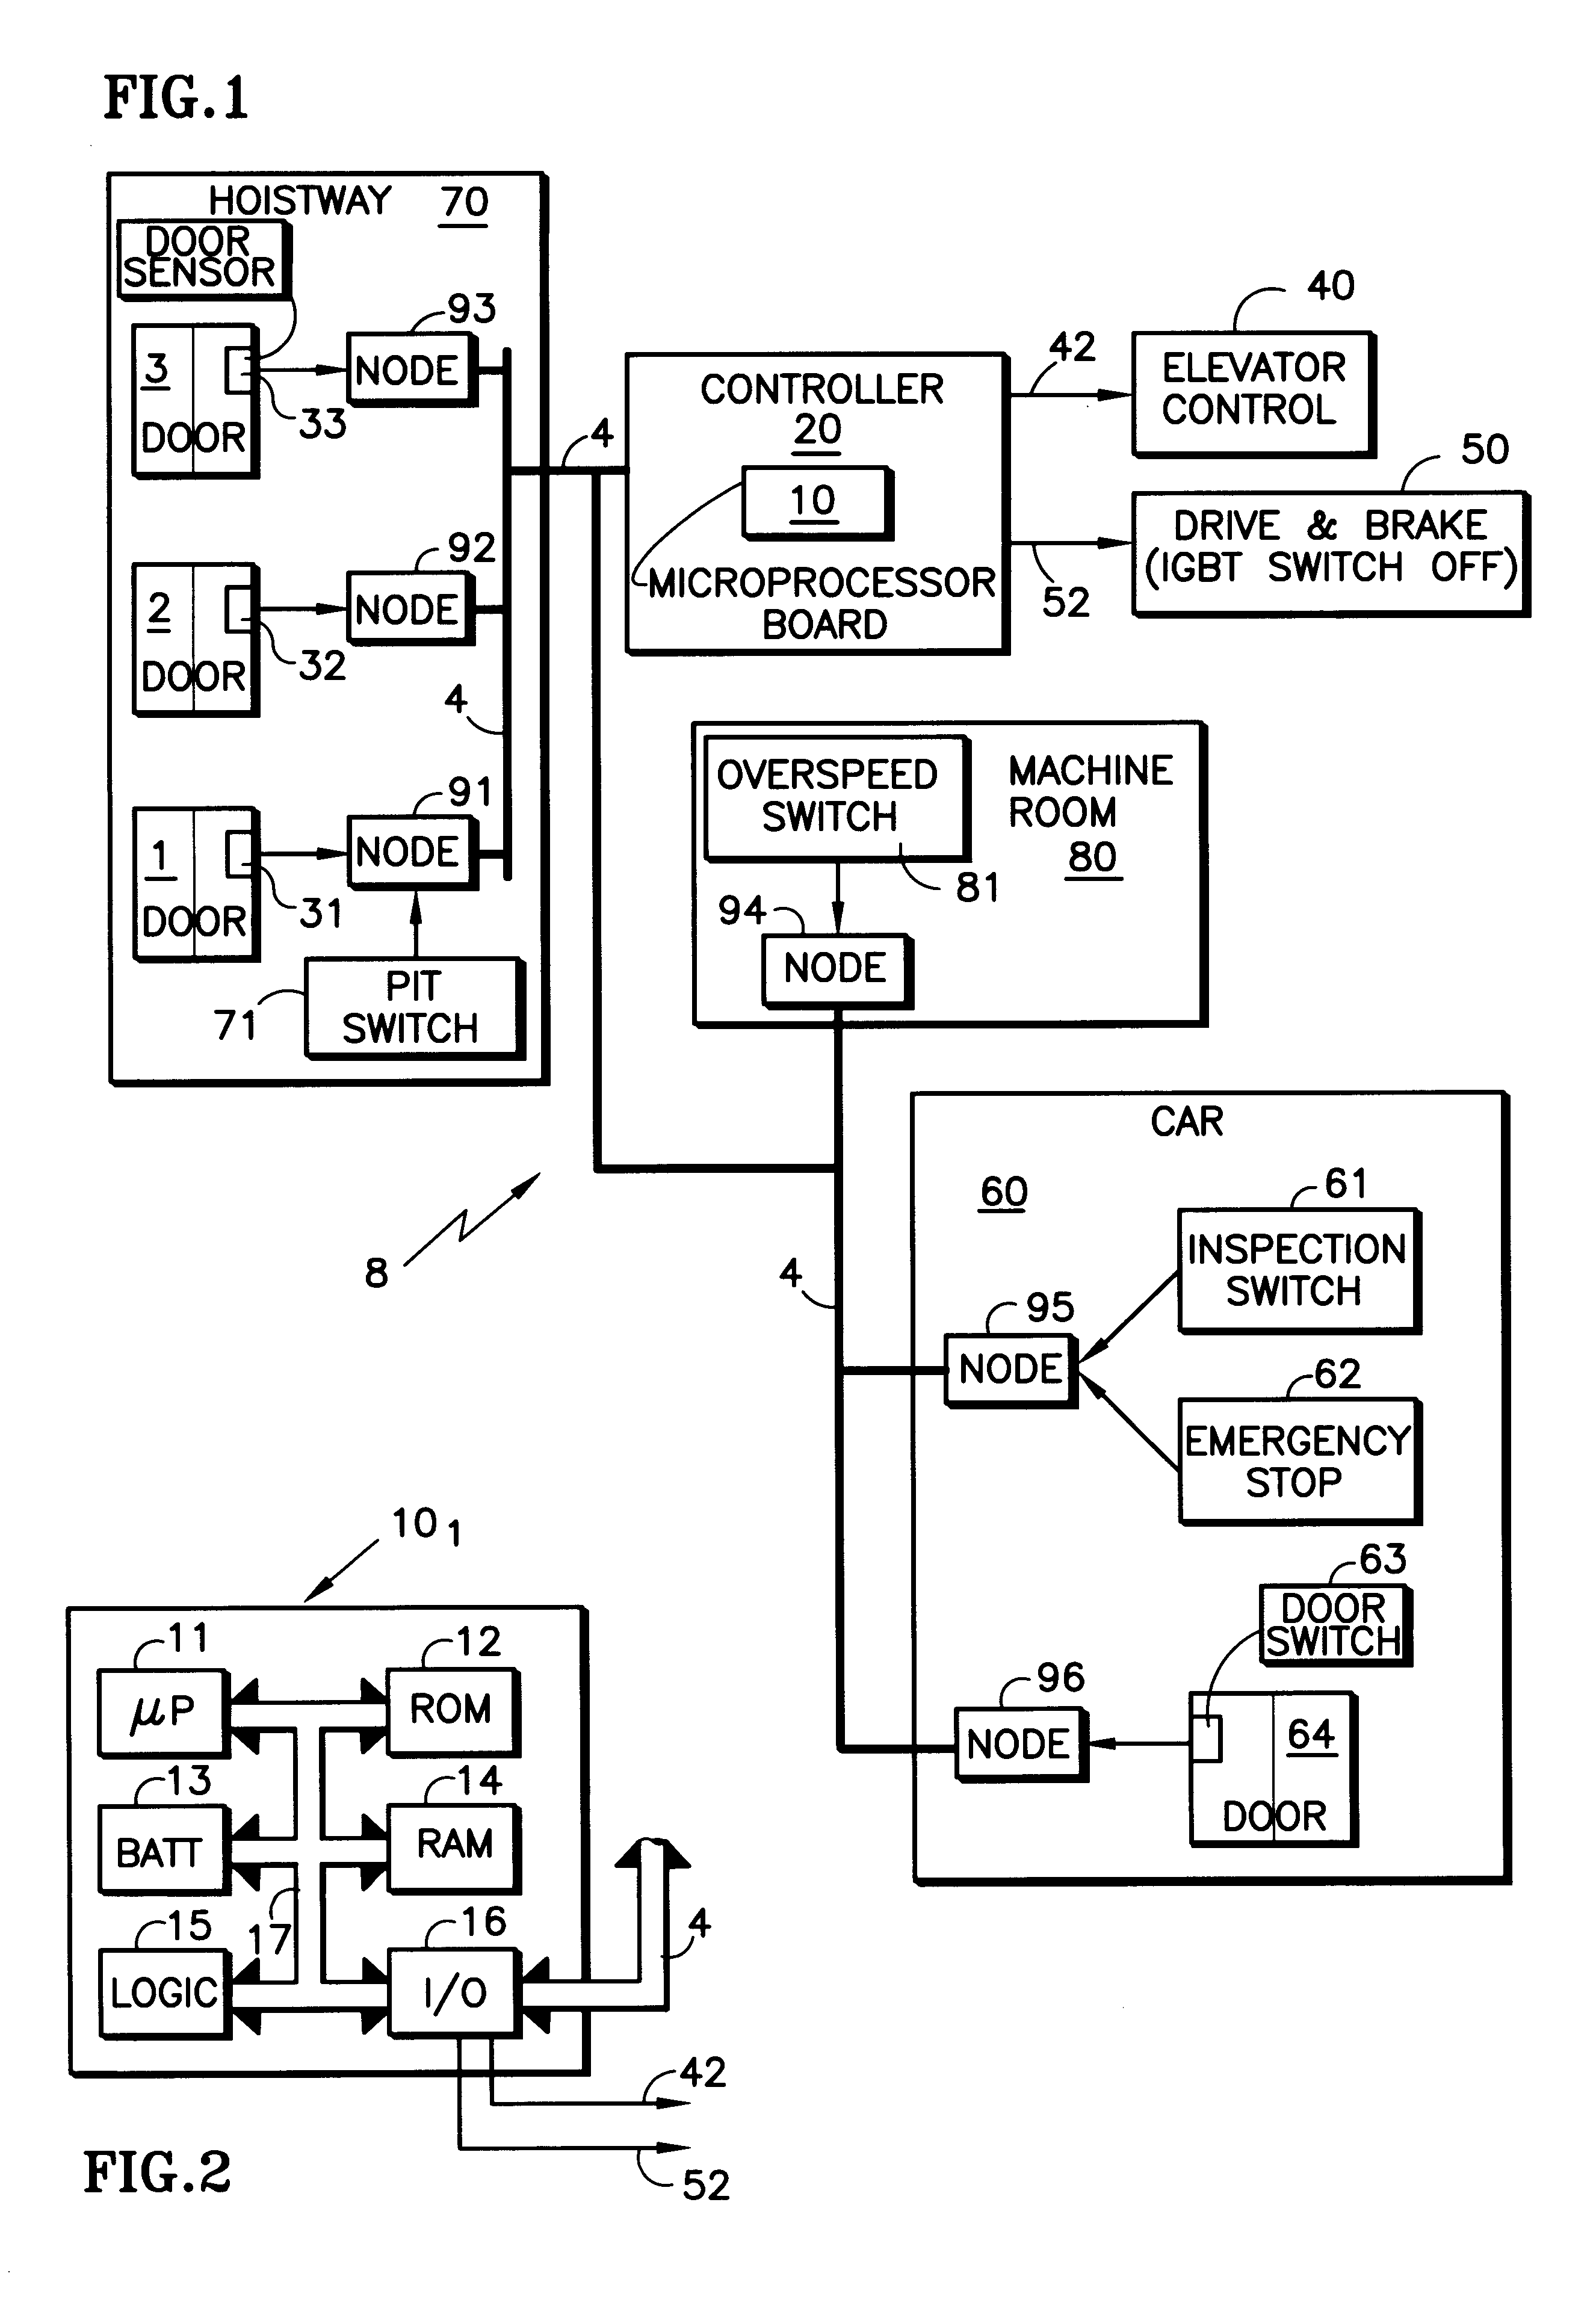 Wiring Diagram Mitsubishi Elevator : Wiring diagram elevator mitsubishi